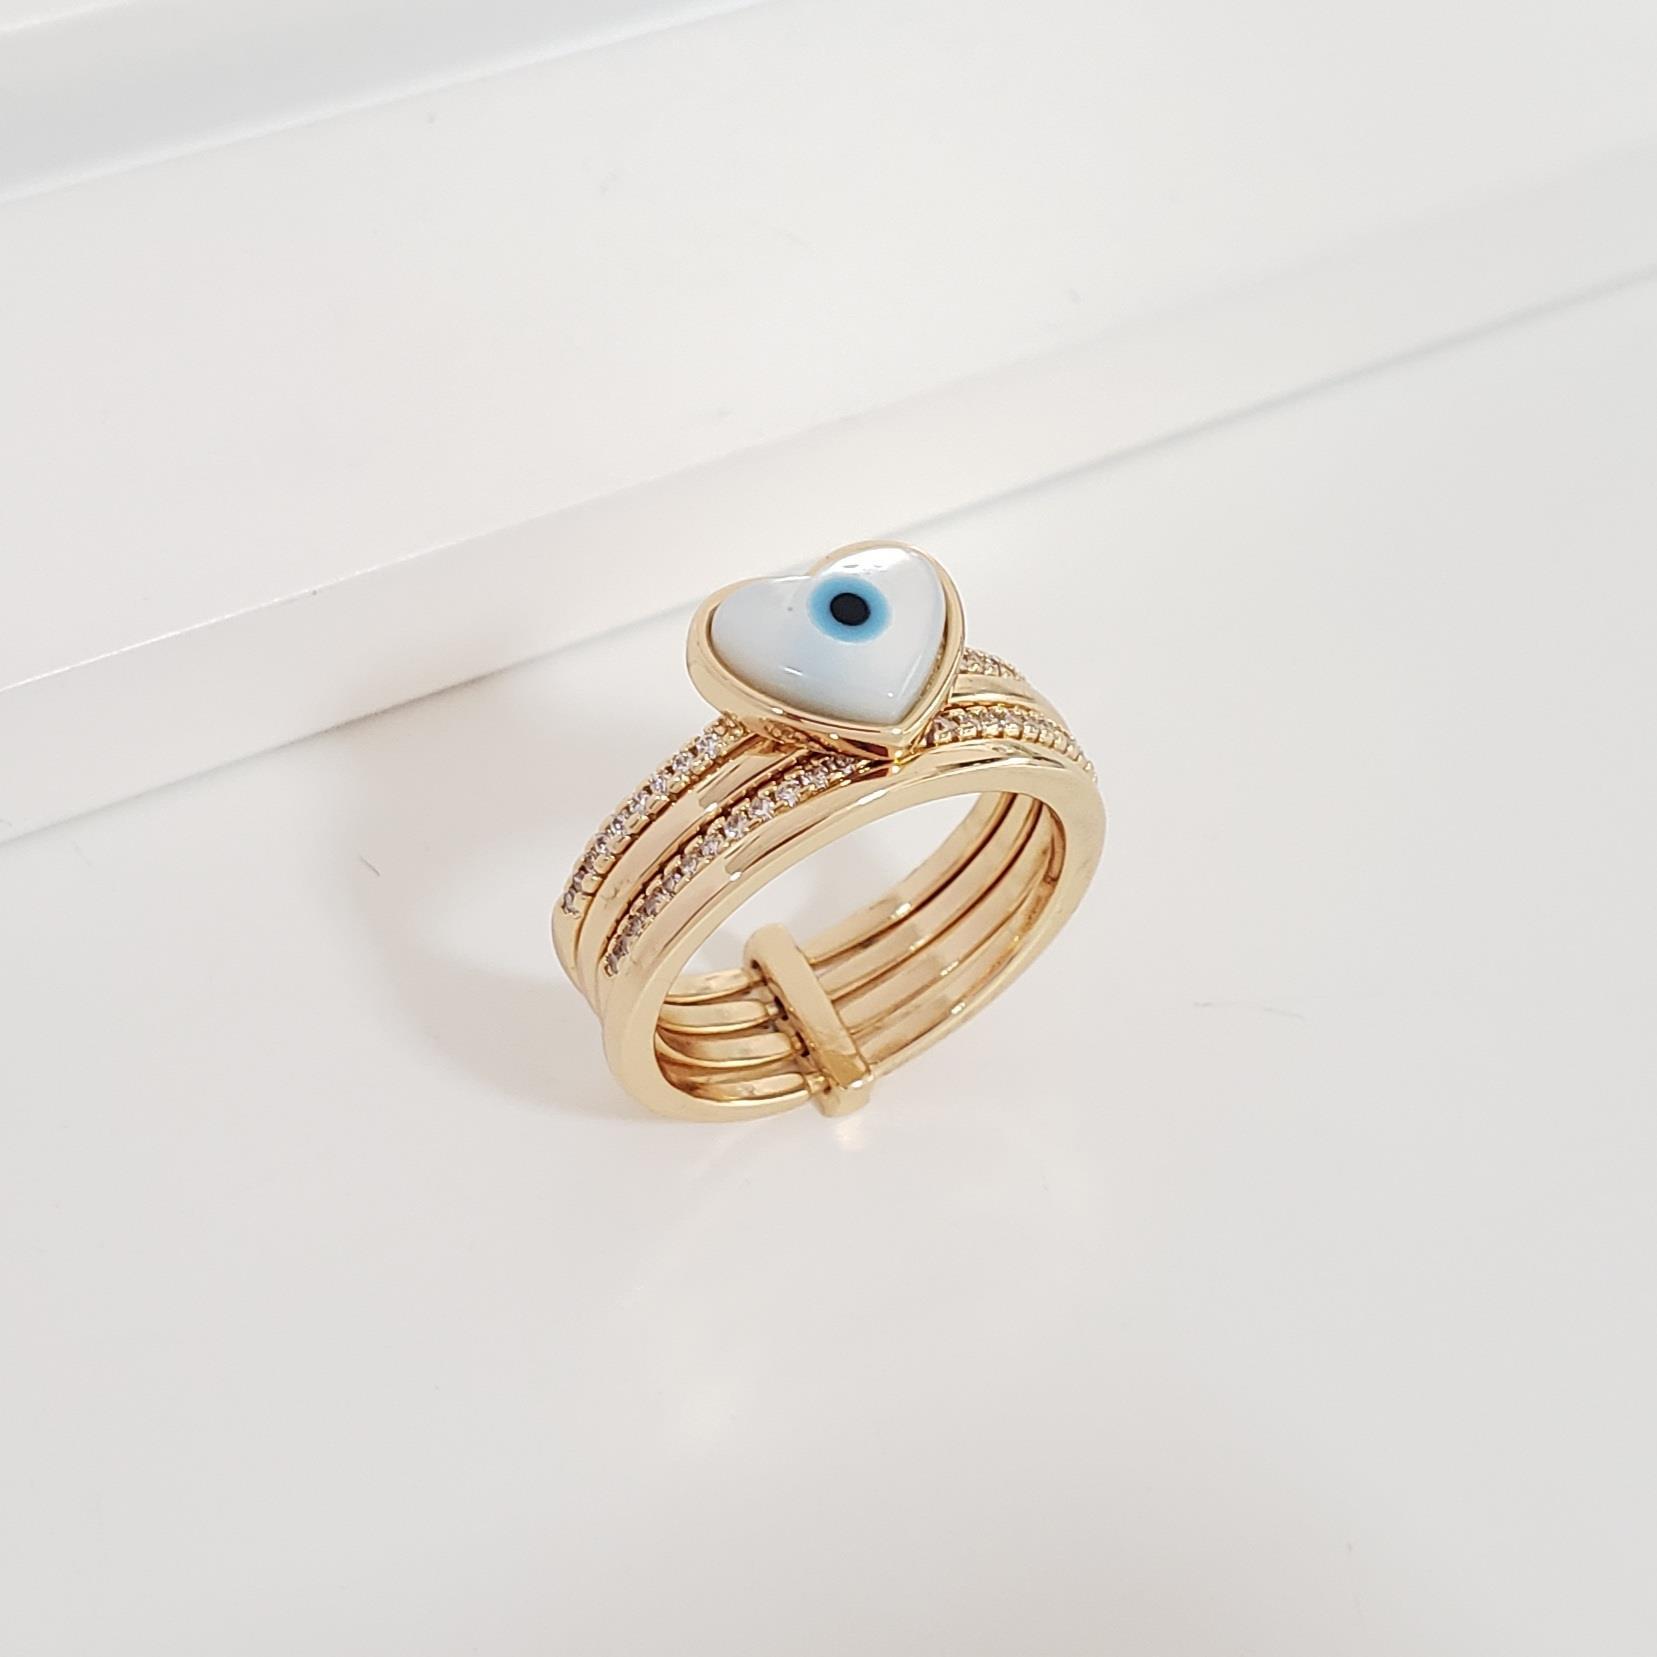 Anel Elos Lisos e Zircônia e Olho Grego no Banho Ouro 18k Semijoia